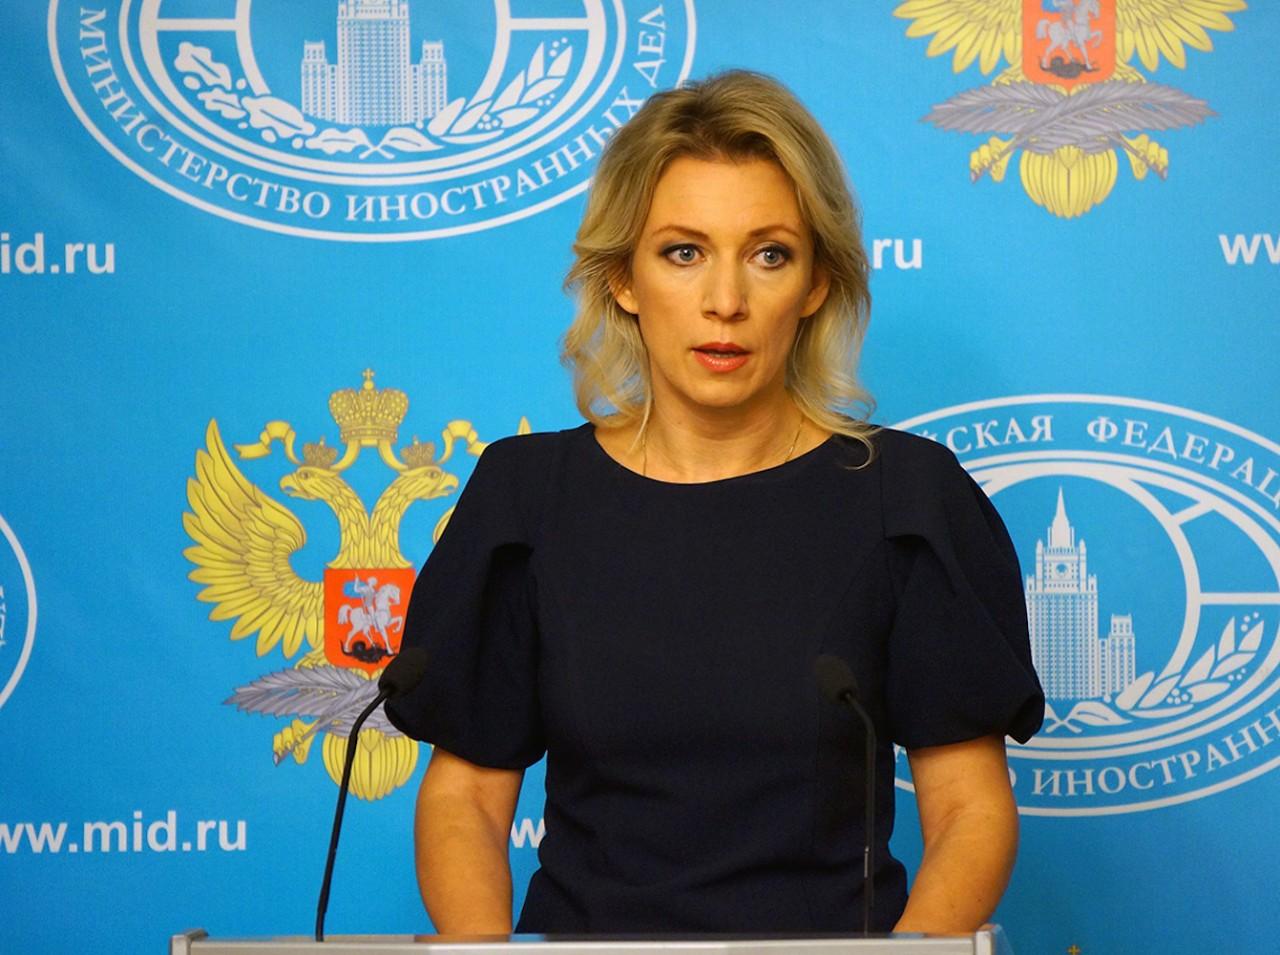 В МИД сообщили о передаче послу США документа о невмешательстве России и США в дела друг друга